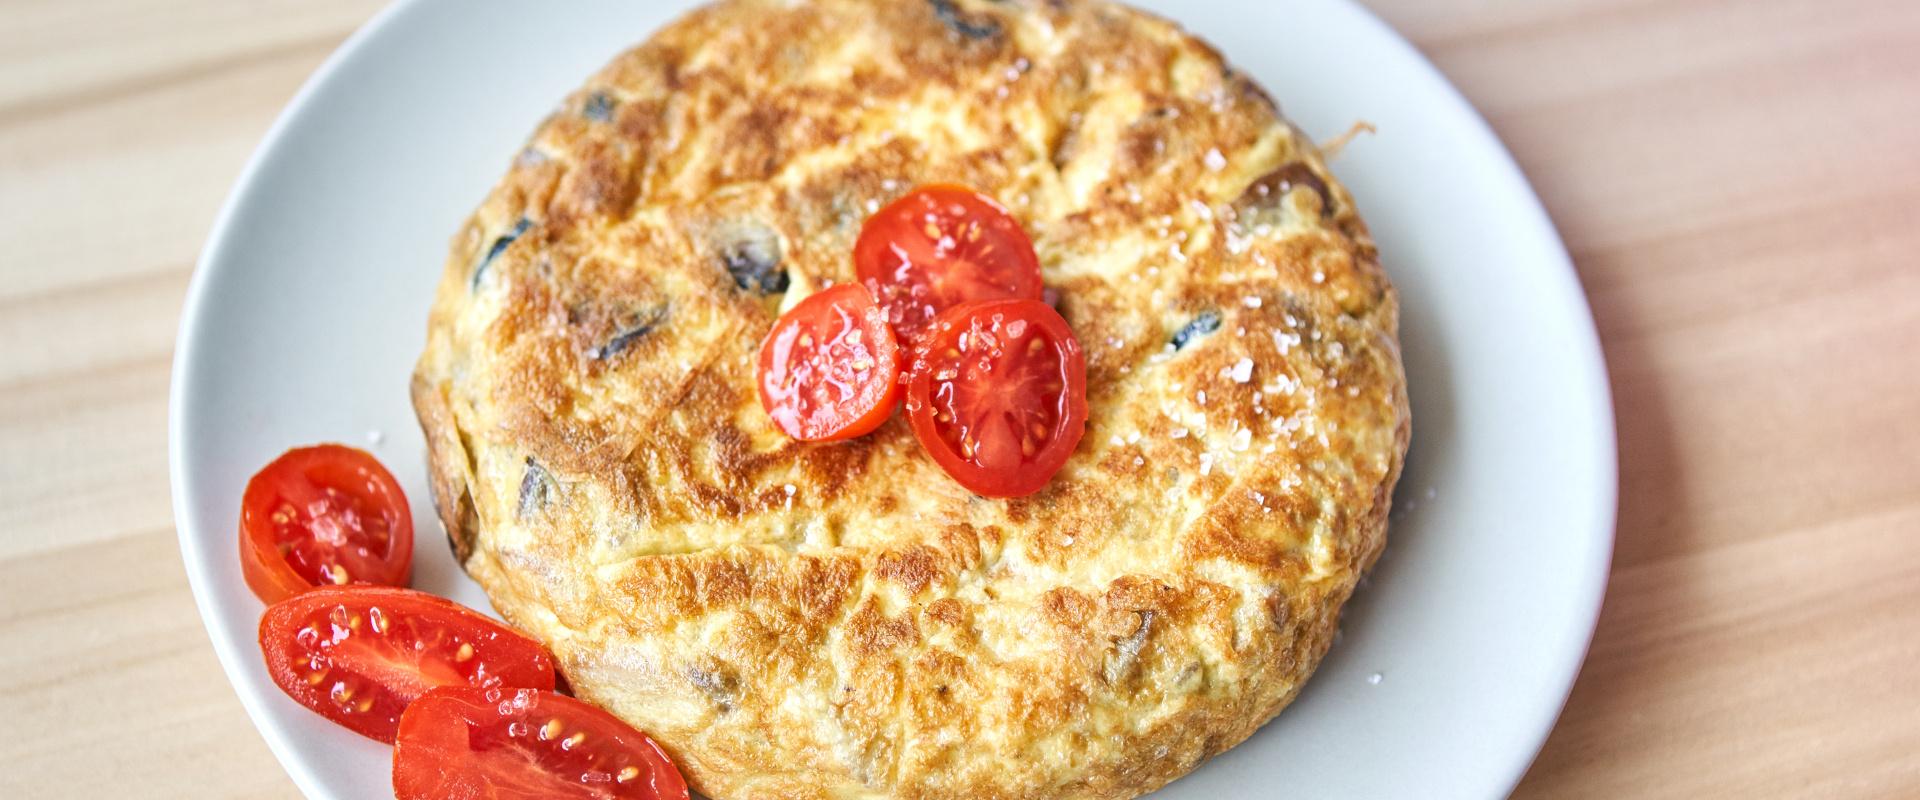 gombás omlett cover